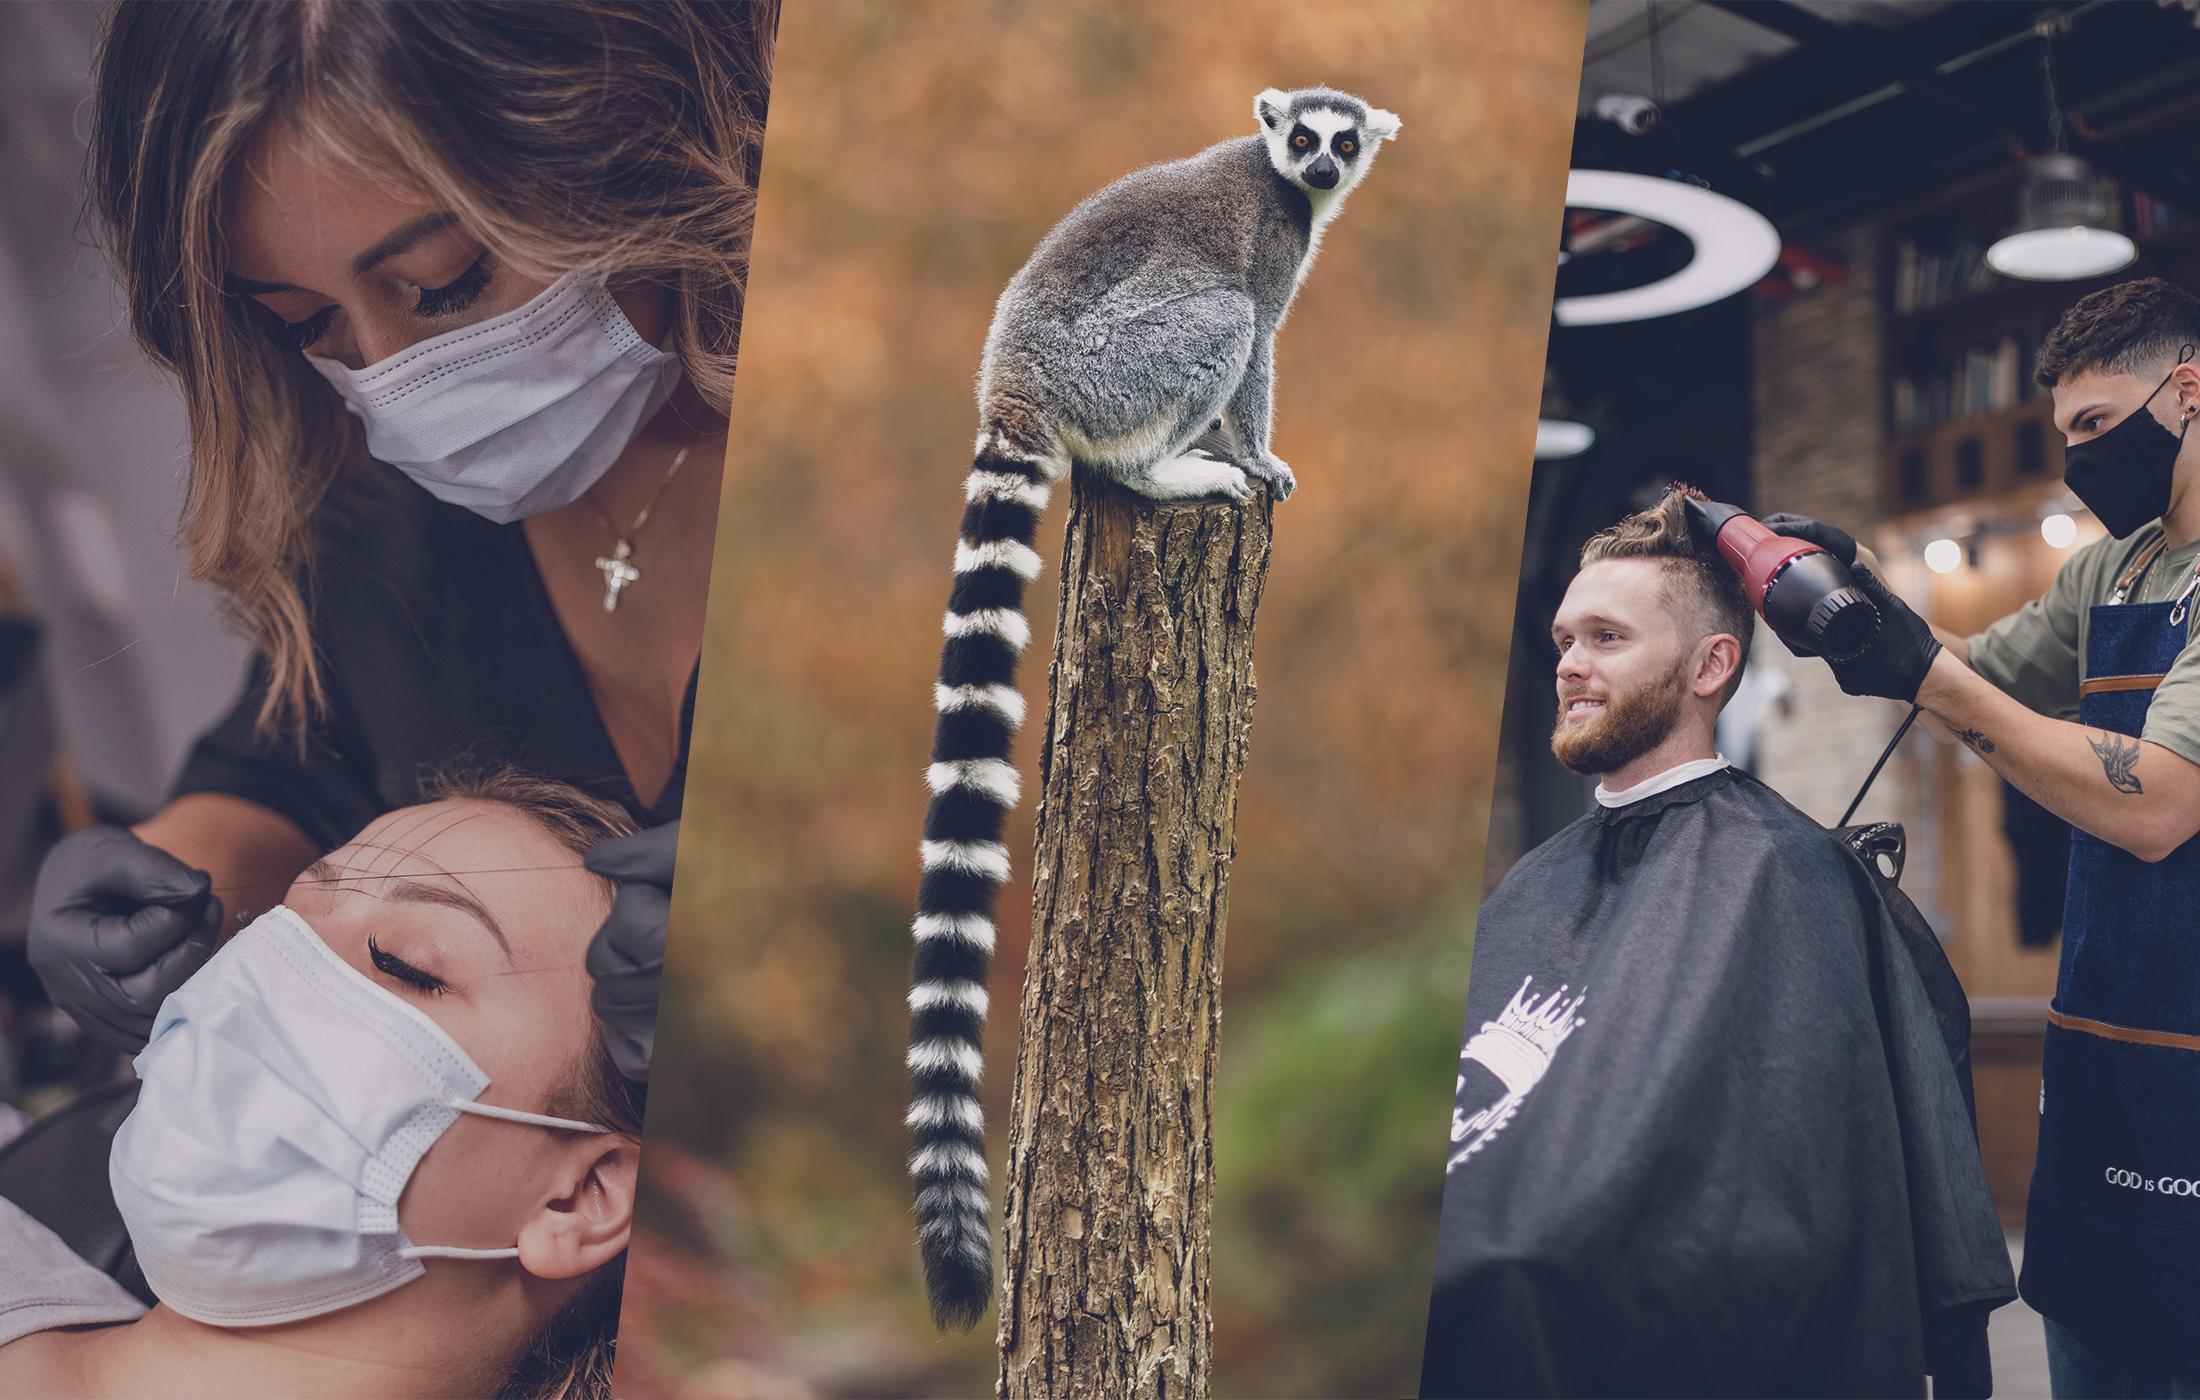 OCC : métiers de contact, campings, parcs animaliers… découvrez les mesures d'assouplissement